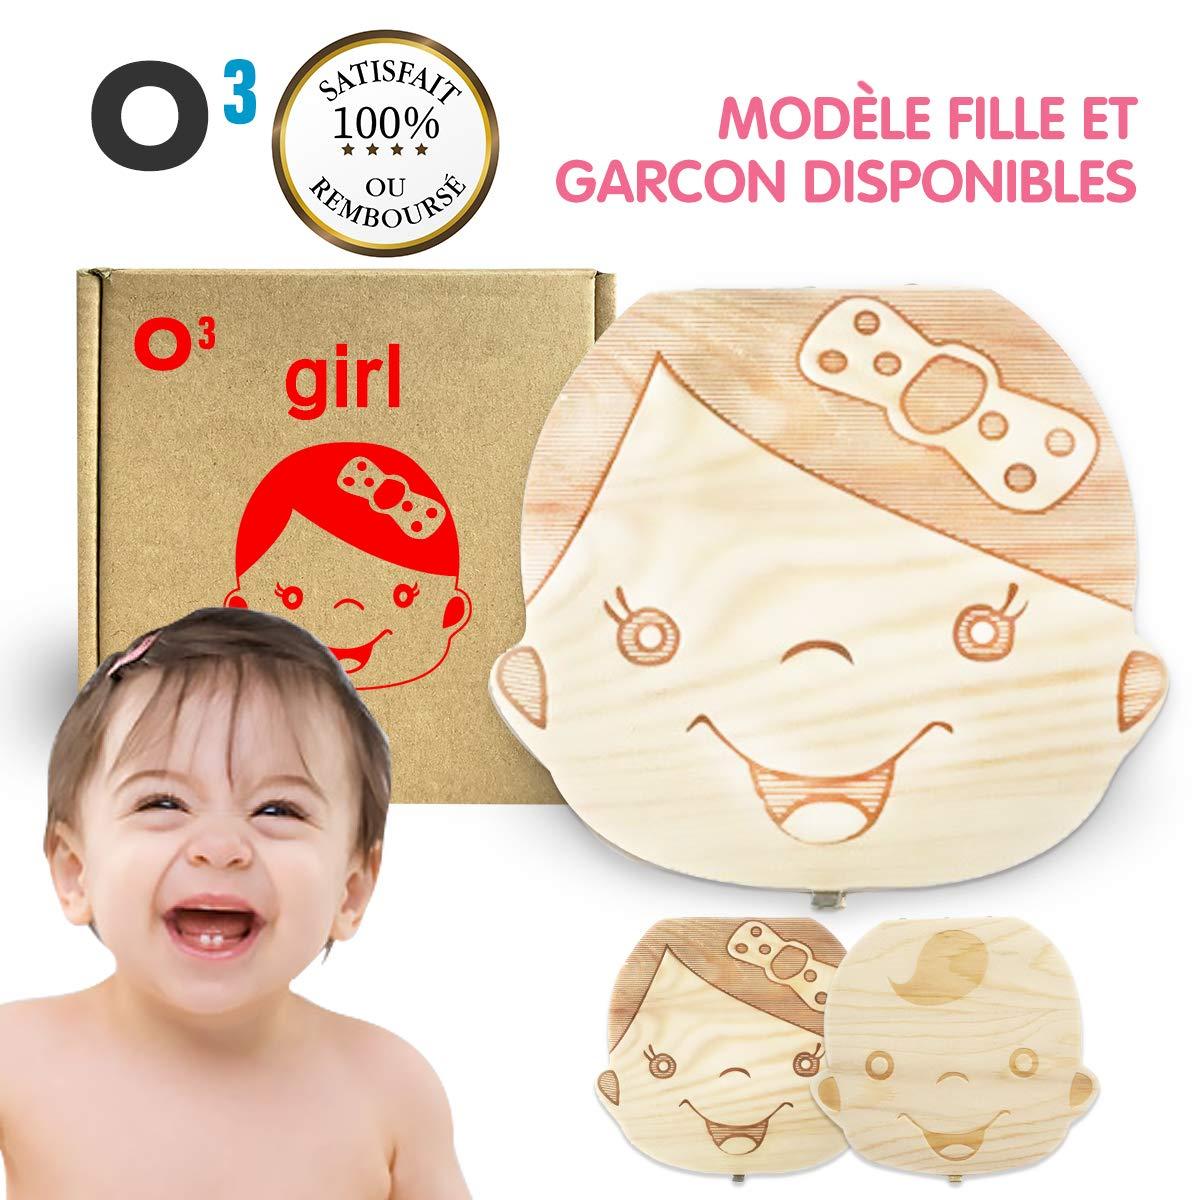 O³ Boite a Dents de Lait - Boite en Bois de pin idéal comme Cadeau de Naissance- Inscriptions en Français - Modèle Fille et Garçon Disponible (Fille)